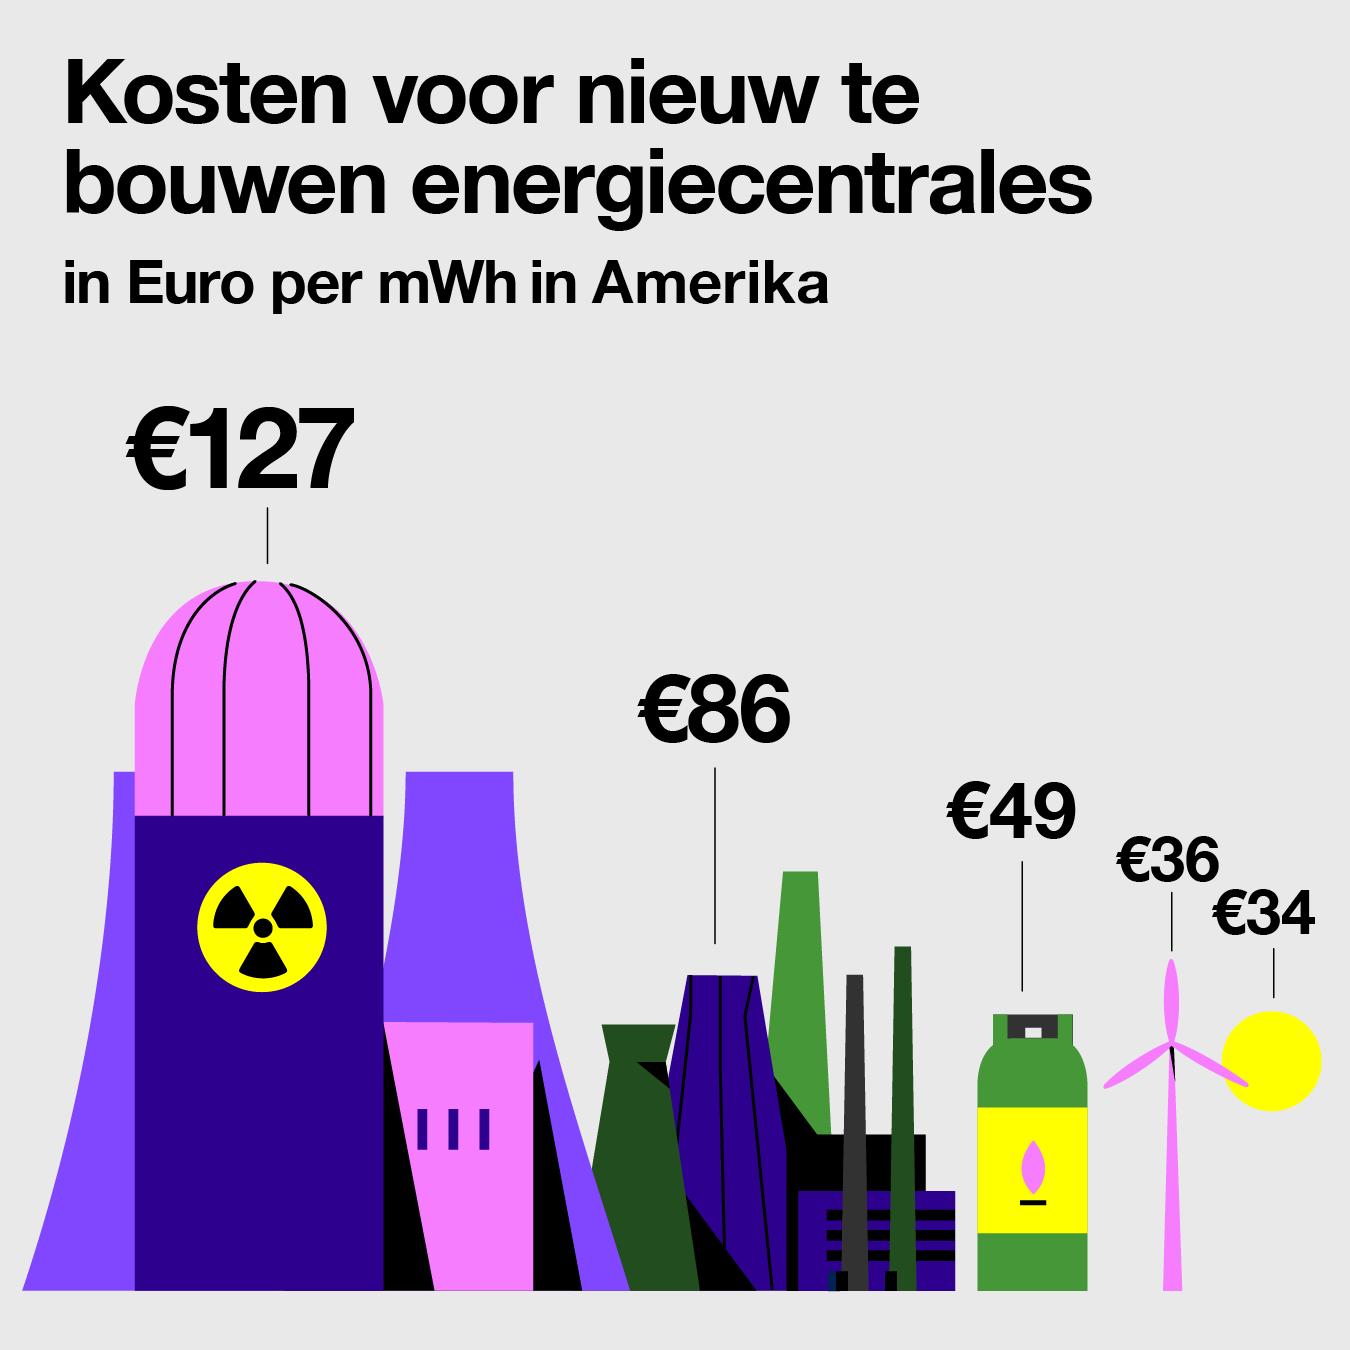 Kosten voor nieuw te bouwen energiecentrales